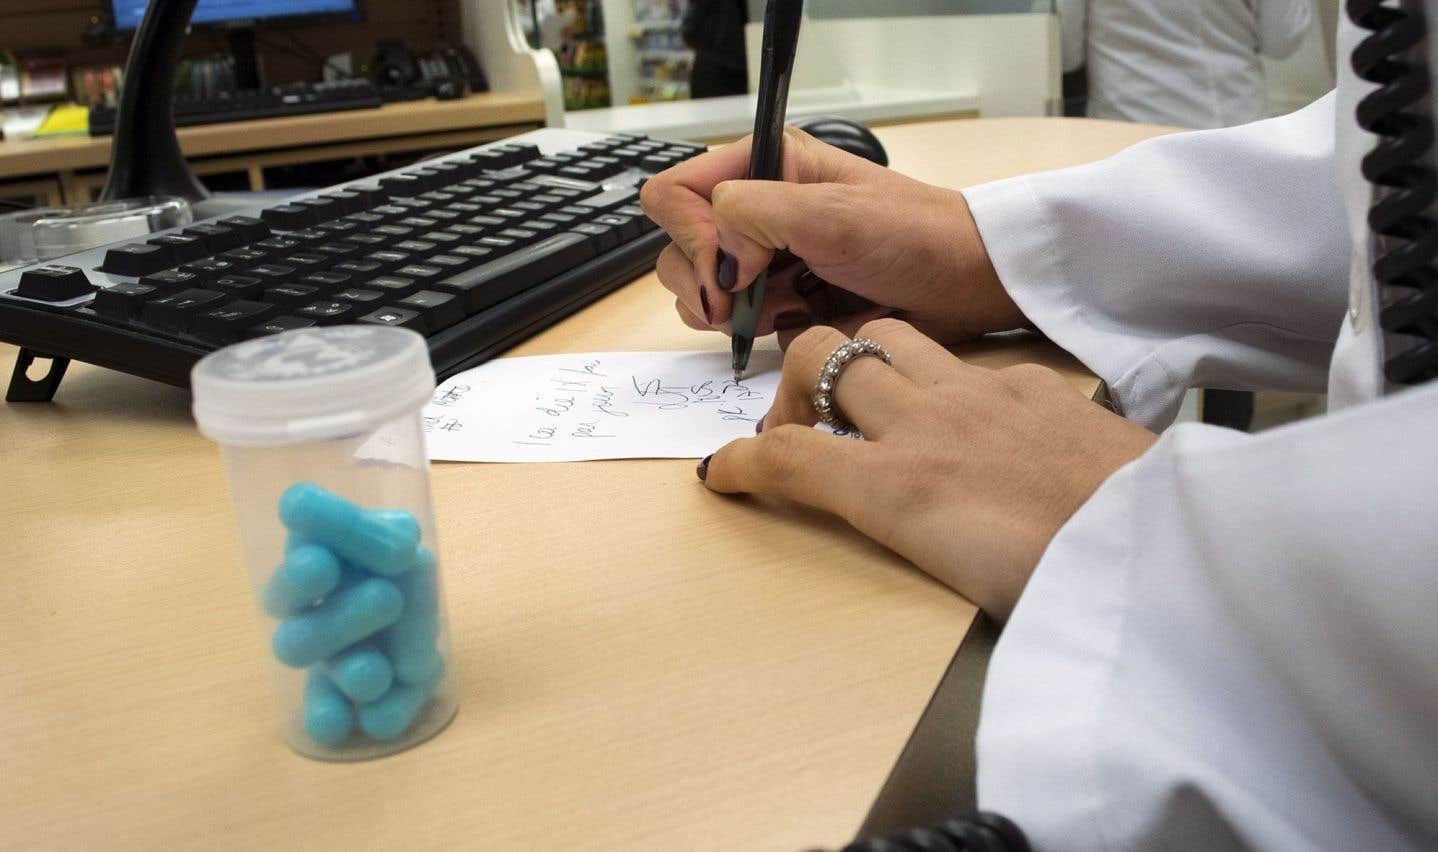 Selon MEQ, l'industrie québécoise du médicament générique procure plus de 200millions en revenus fiscaux par année au gouvernement du Québec.